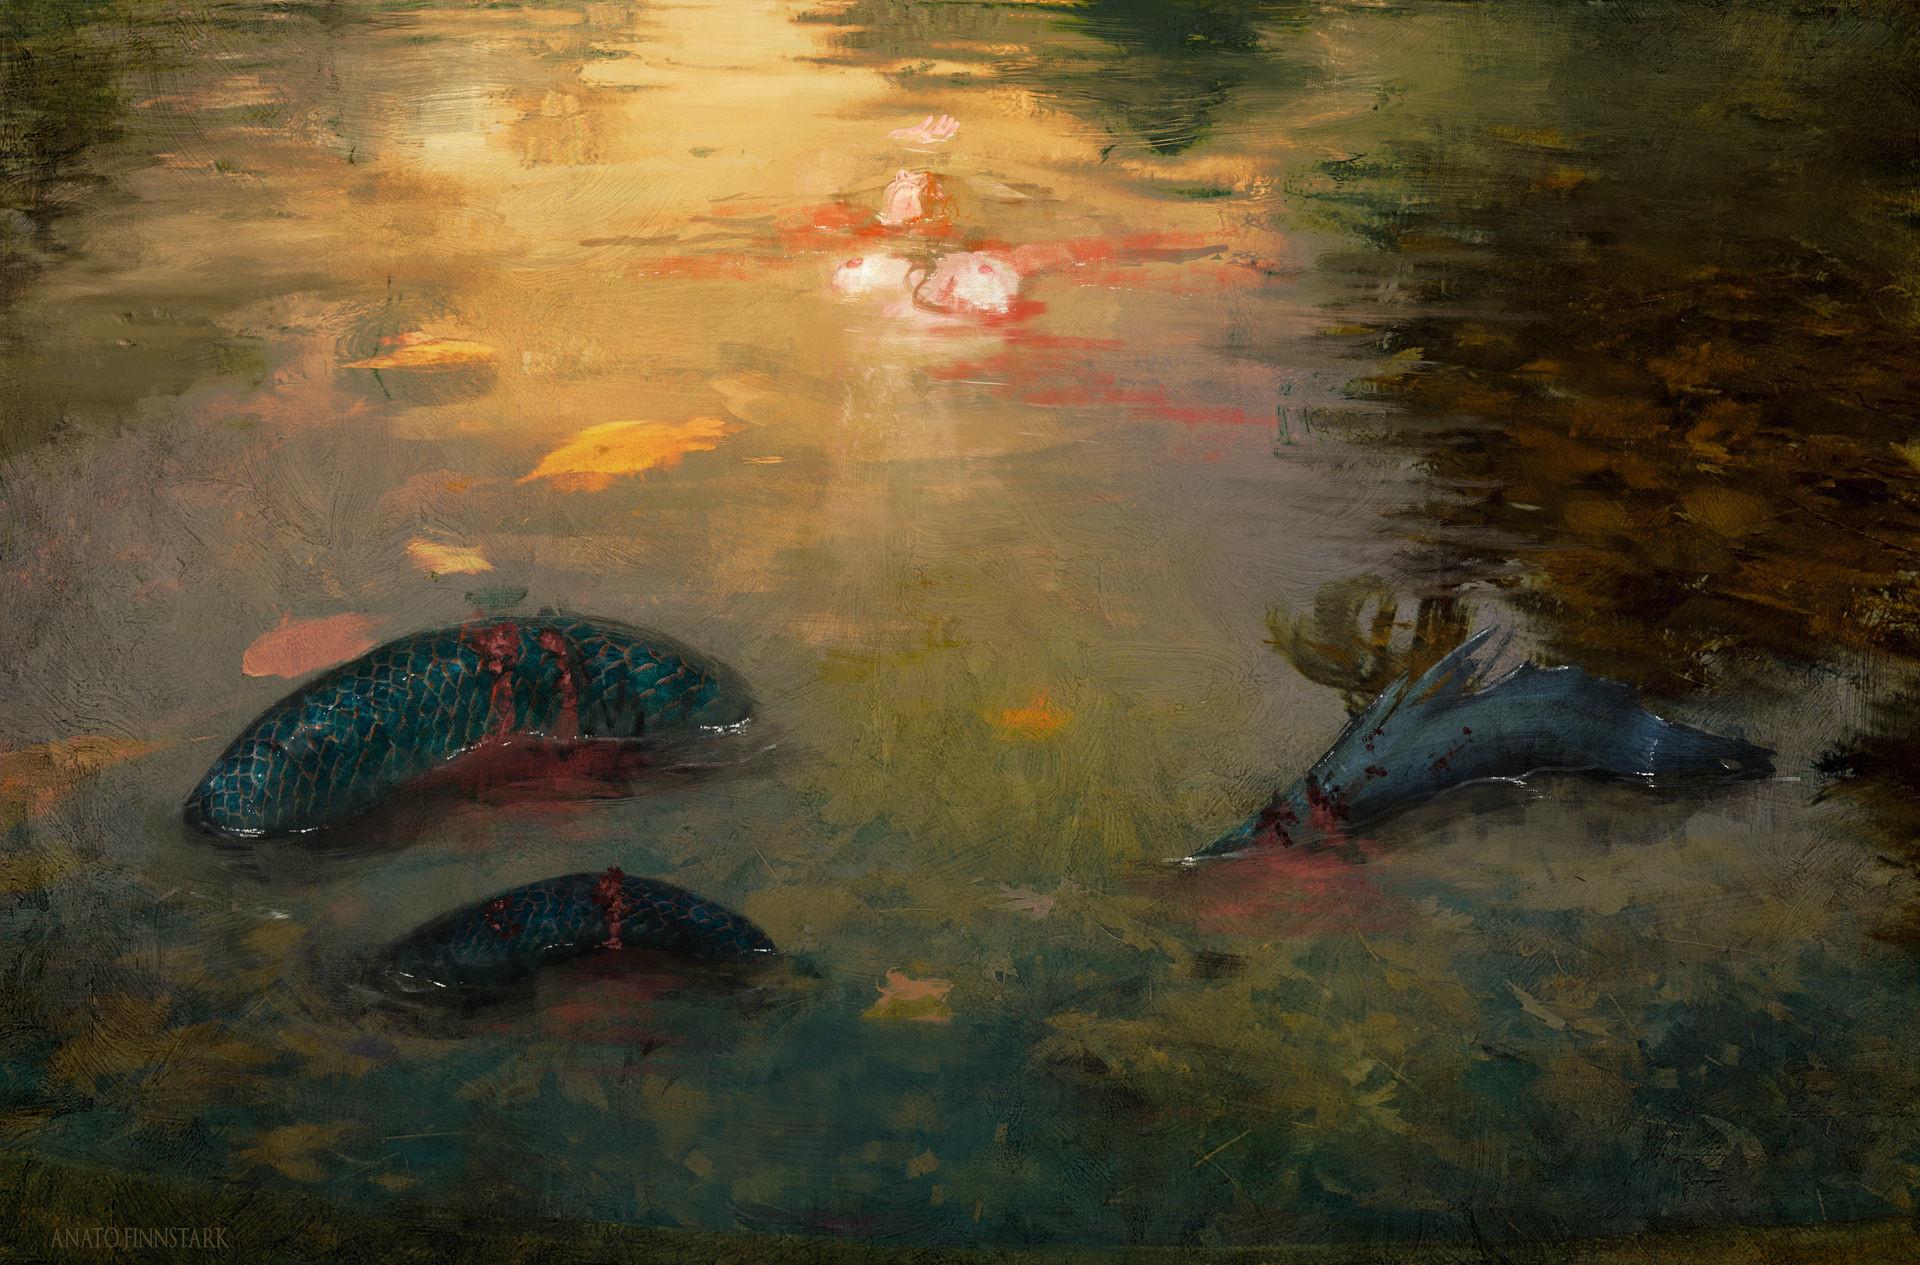 Anato finnstark the little mermaid by anatofinnstark dctf5ow fullview